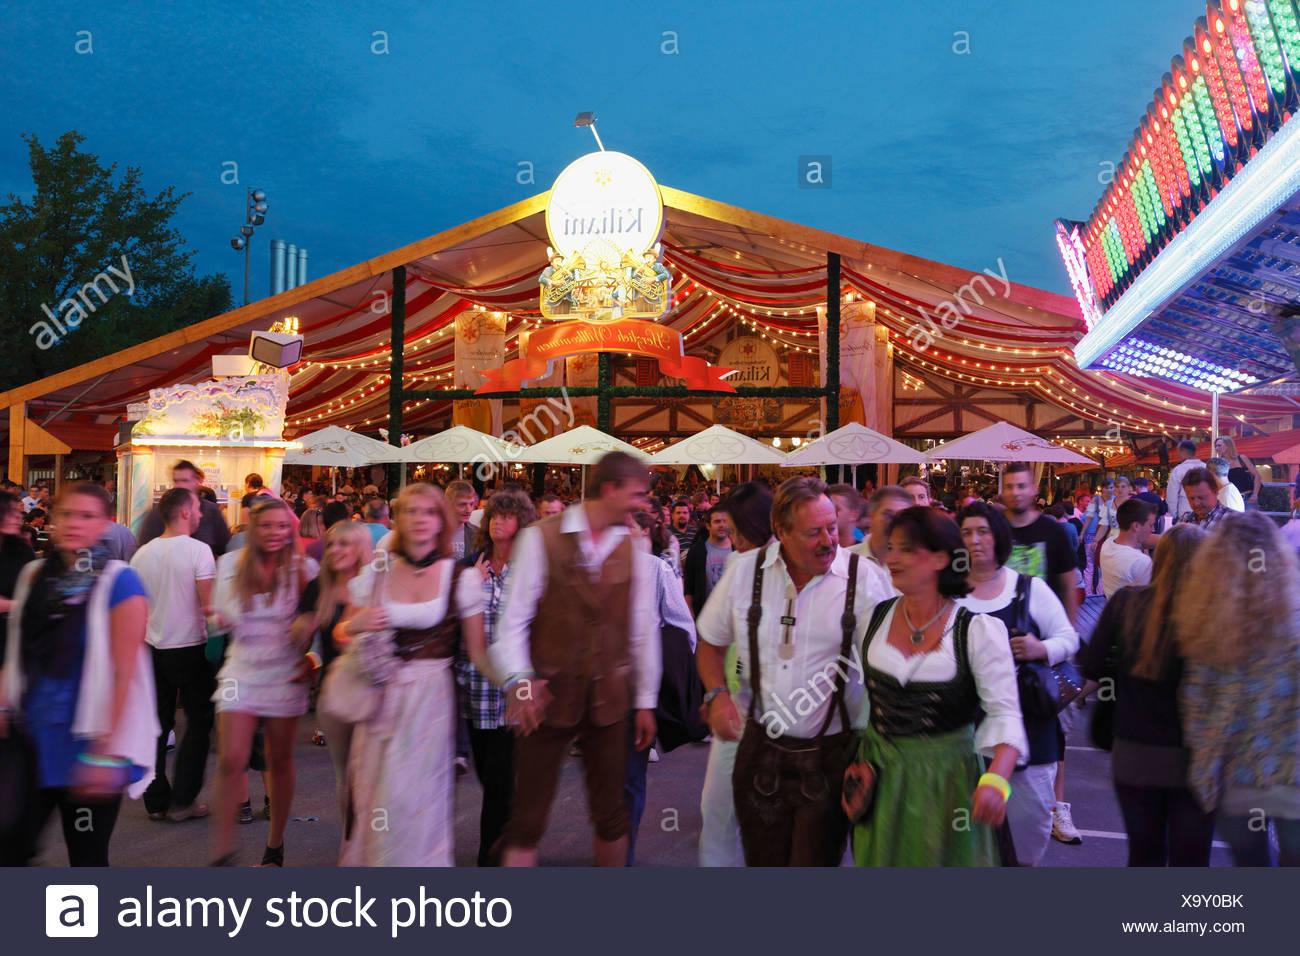 Kiliani-Volksfest festival, Wuerzburg, Lower Franconia, Franconia, Bavaria, Germany, Europe, PublicGround - Stock Image